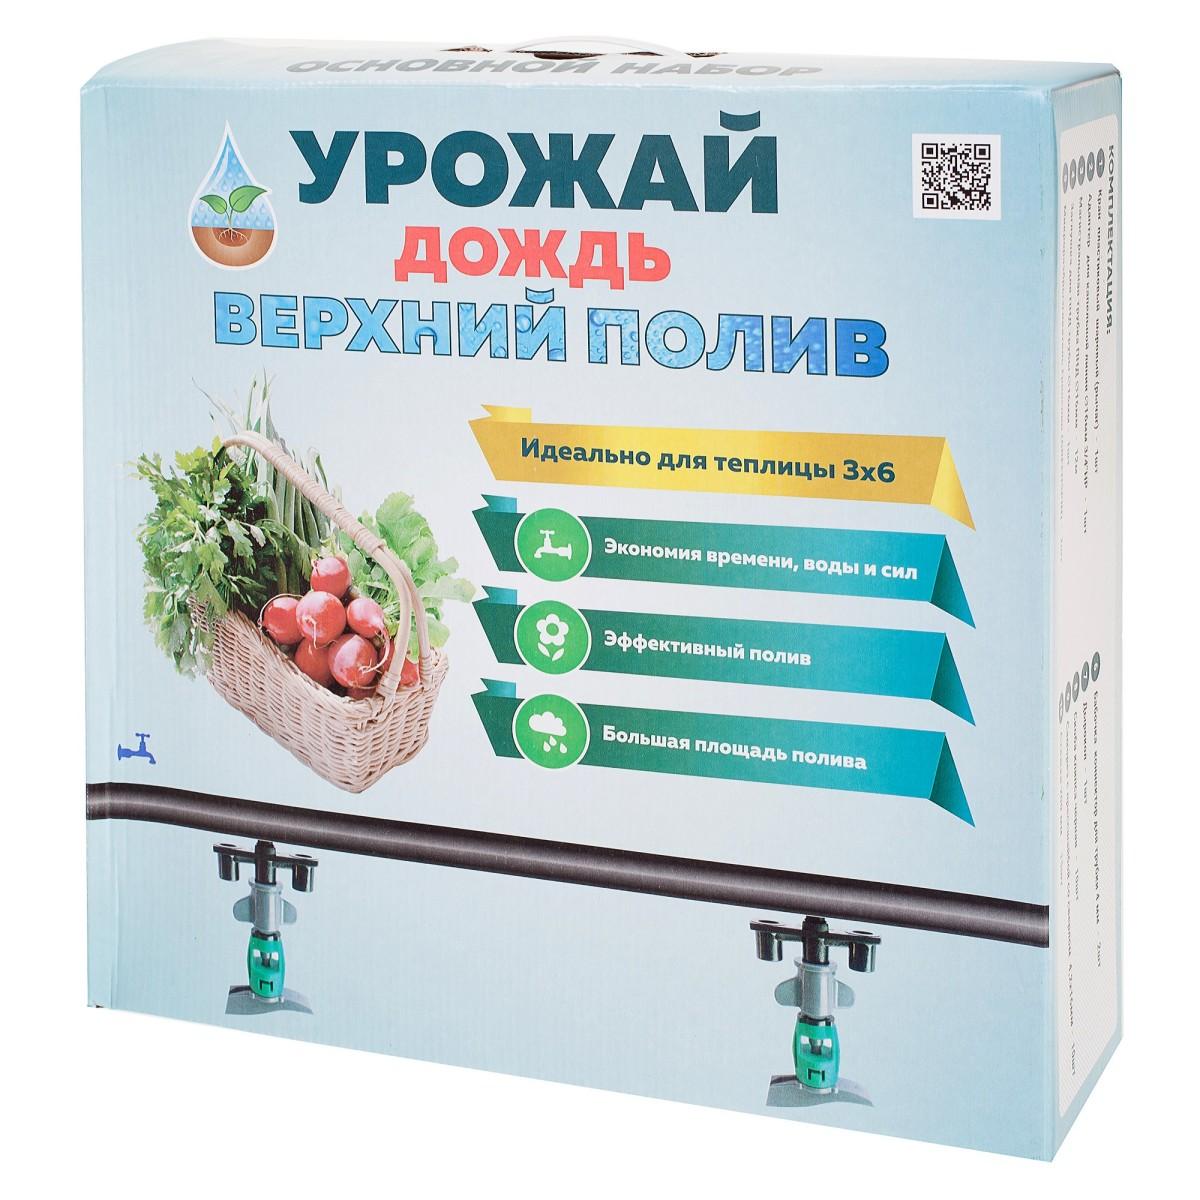 Комплект для капельного полива «Урожай-дождь» для теплицы 3x4 м. Основной